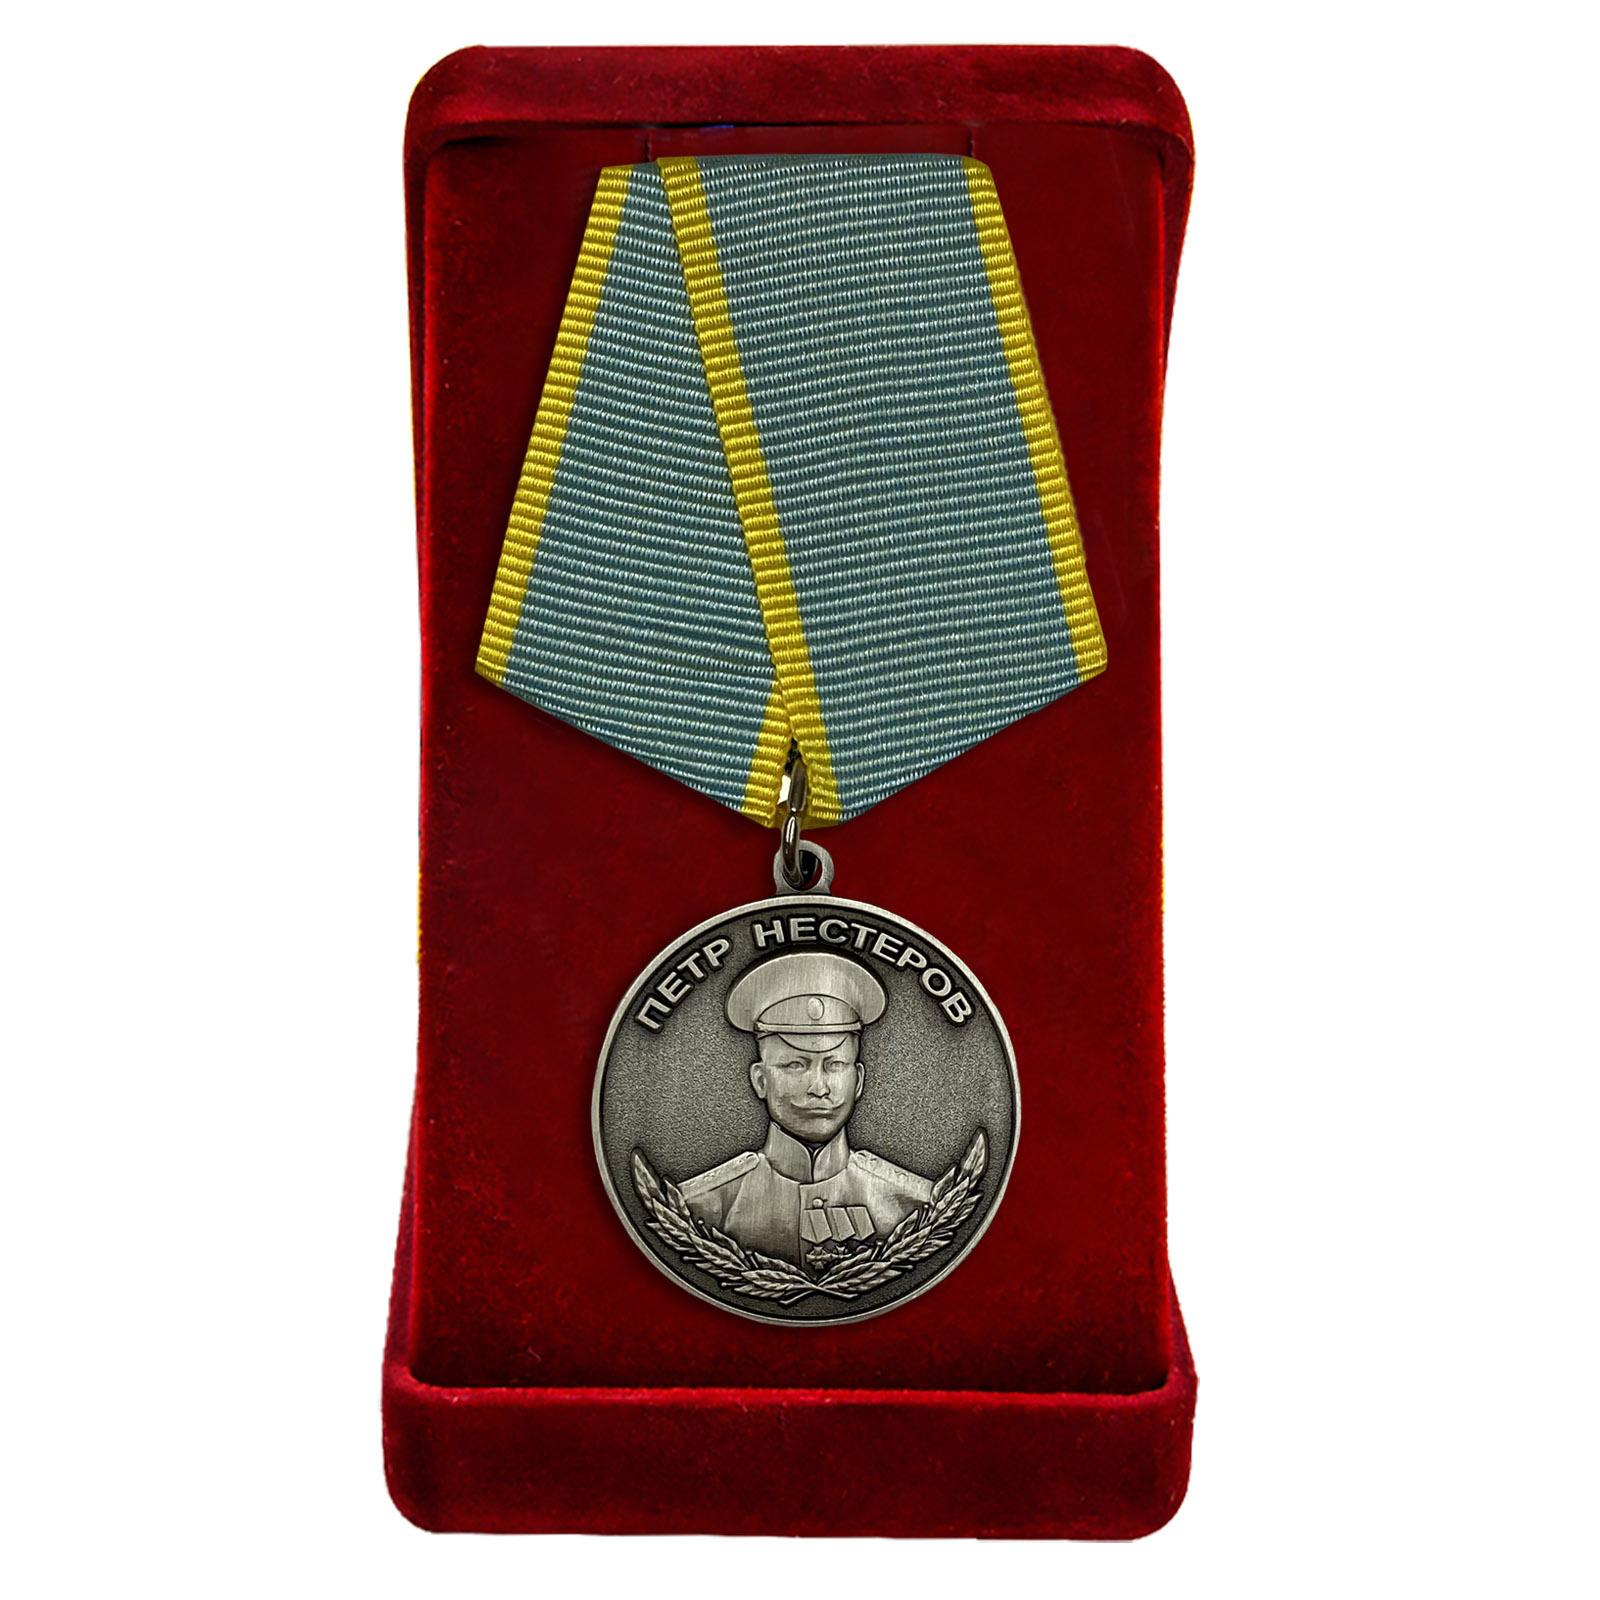 Купить памятную медаль Нестерова в подарок мужчине